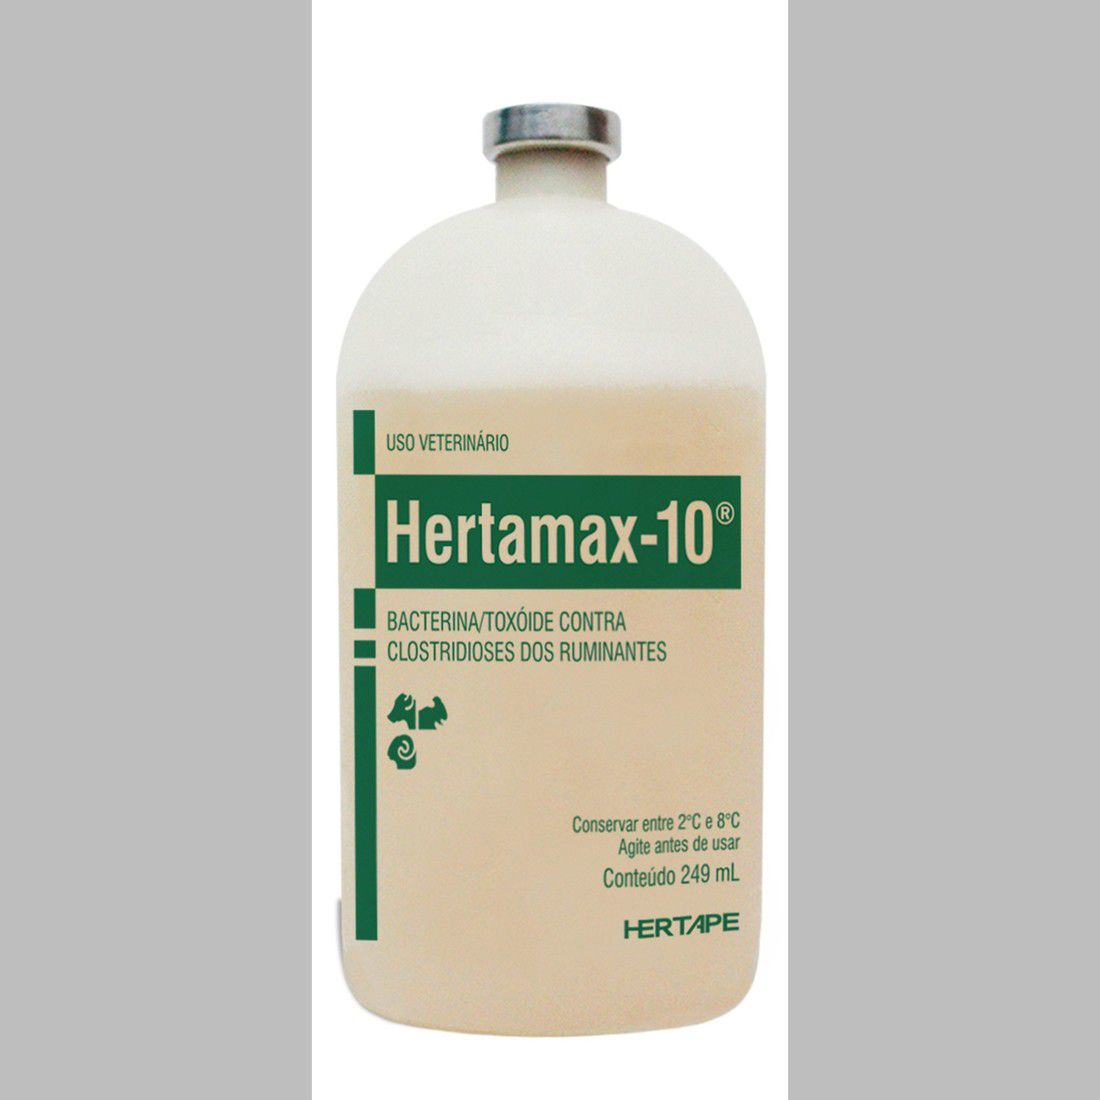 VACINA HERTAMAX 10 - 16 DOSES (CARBUCO)